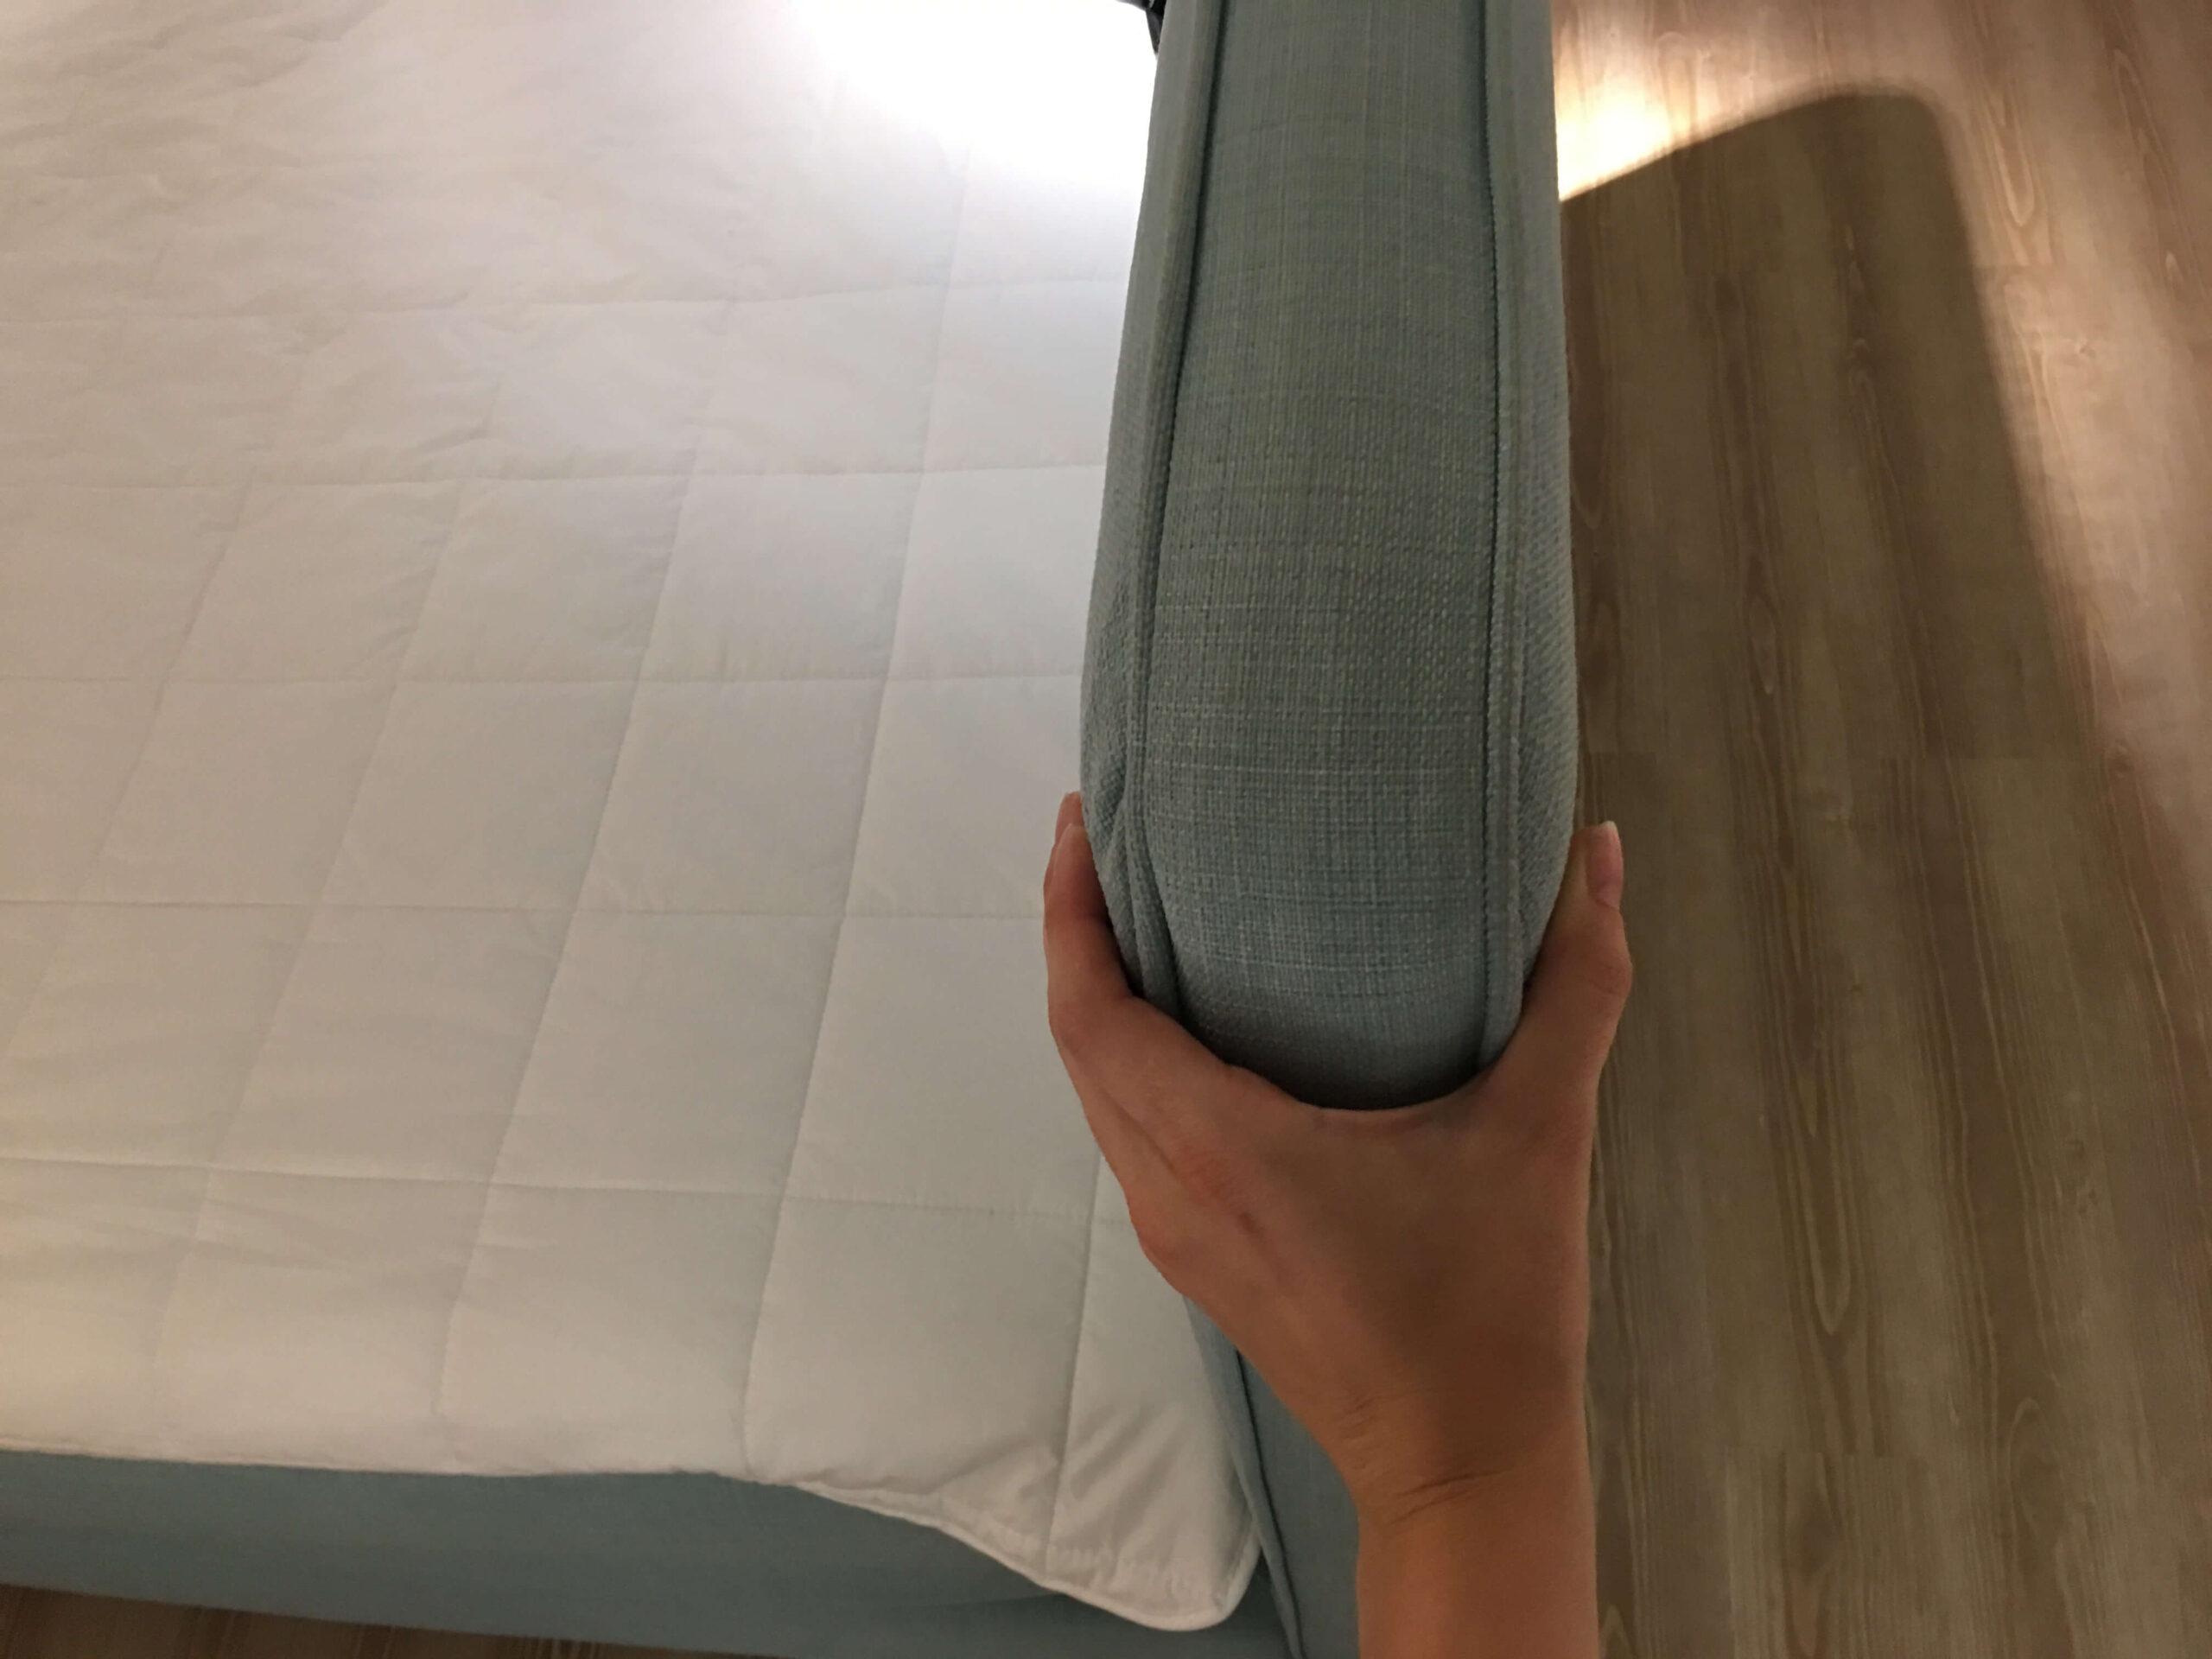 Full Size of Boxspringbetten Ikea Dunvik Boxspringbett Test Expertentest Bewertungen Küche Kosten Sofa Mit Schlaffunktion Modulküche Kaufen Betten Bei Miniküche 160x200 Wohnzimmer Boxspringbetten Ikea